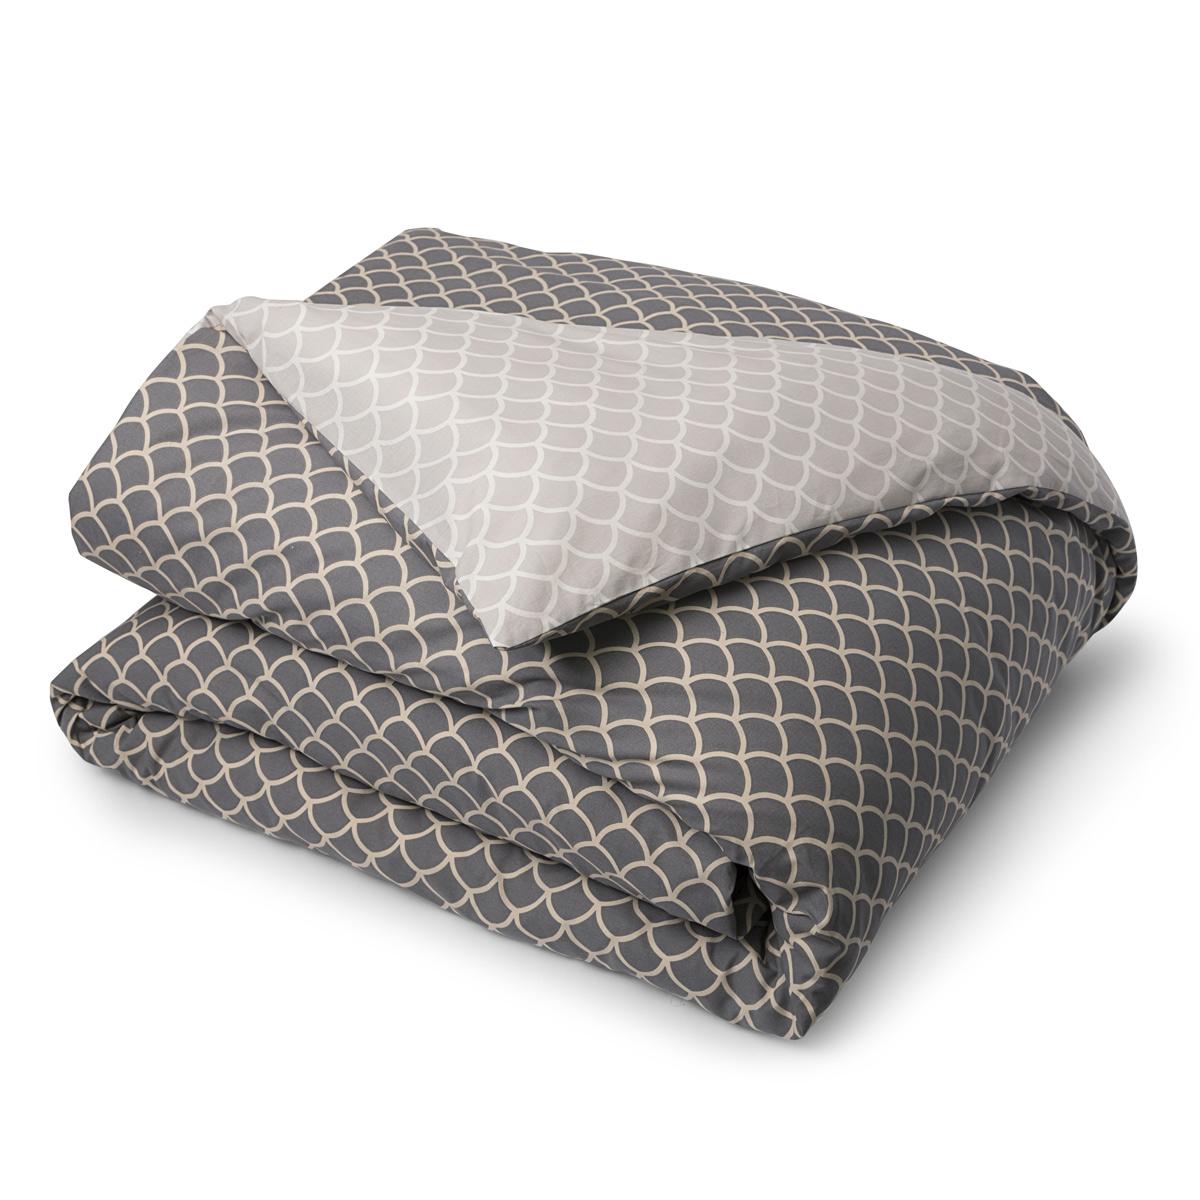 housse de couette vice versa coton 57 fils linge de lit de qualit tradition des vosges. Black Bedroom Furniture Sets. Home Design Ideas